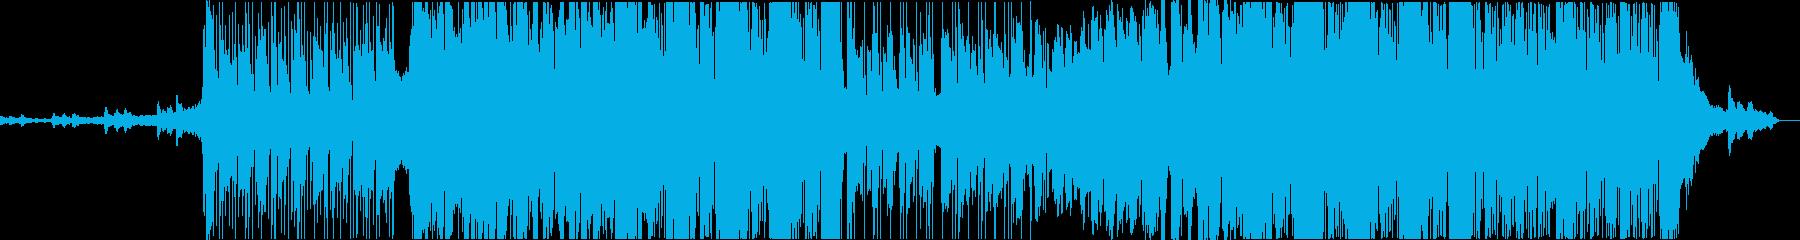 アンニュイ感+切ない洋楽RnB Popsの再生済みの波形